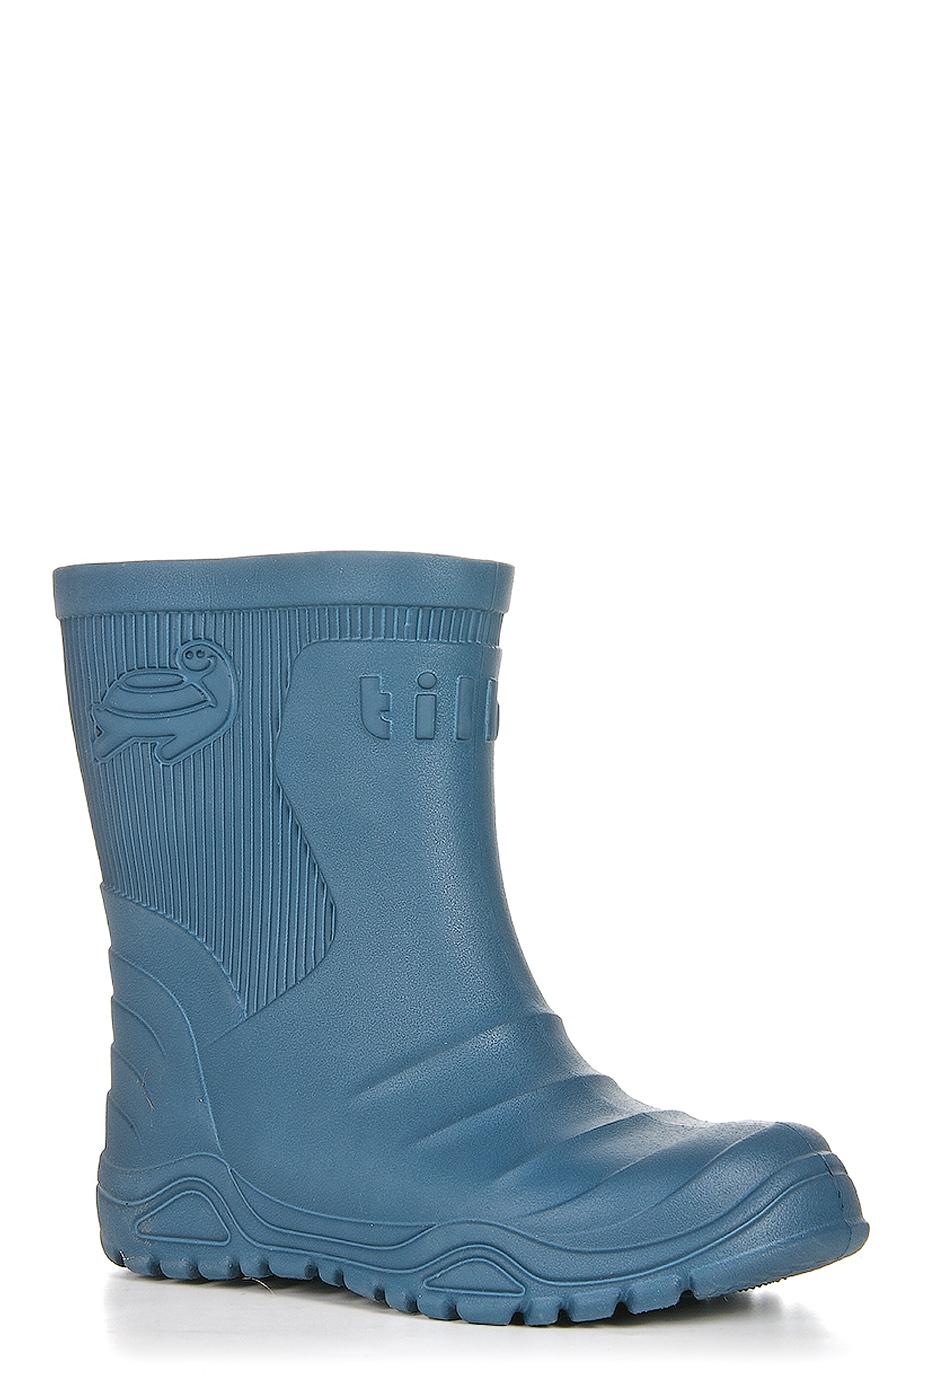 Сапоги TILLA№2_TKV-2101-FL16/Темно-синий